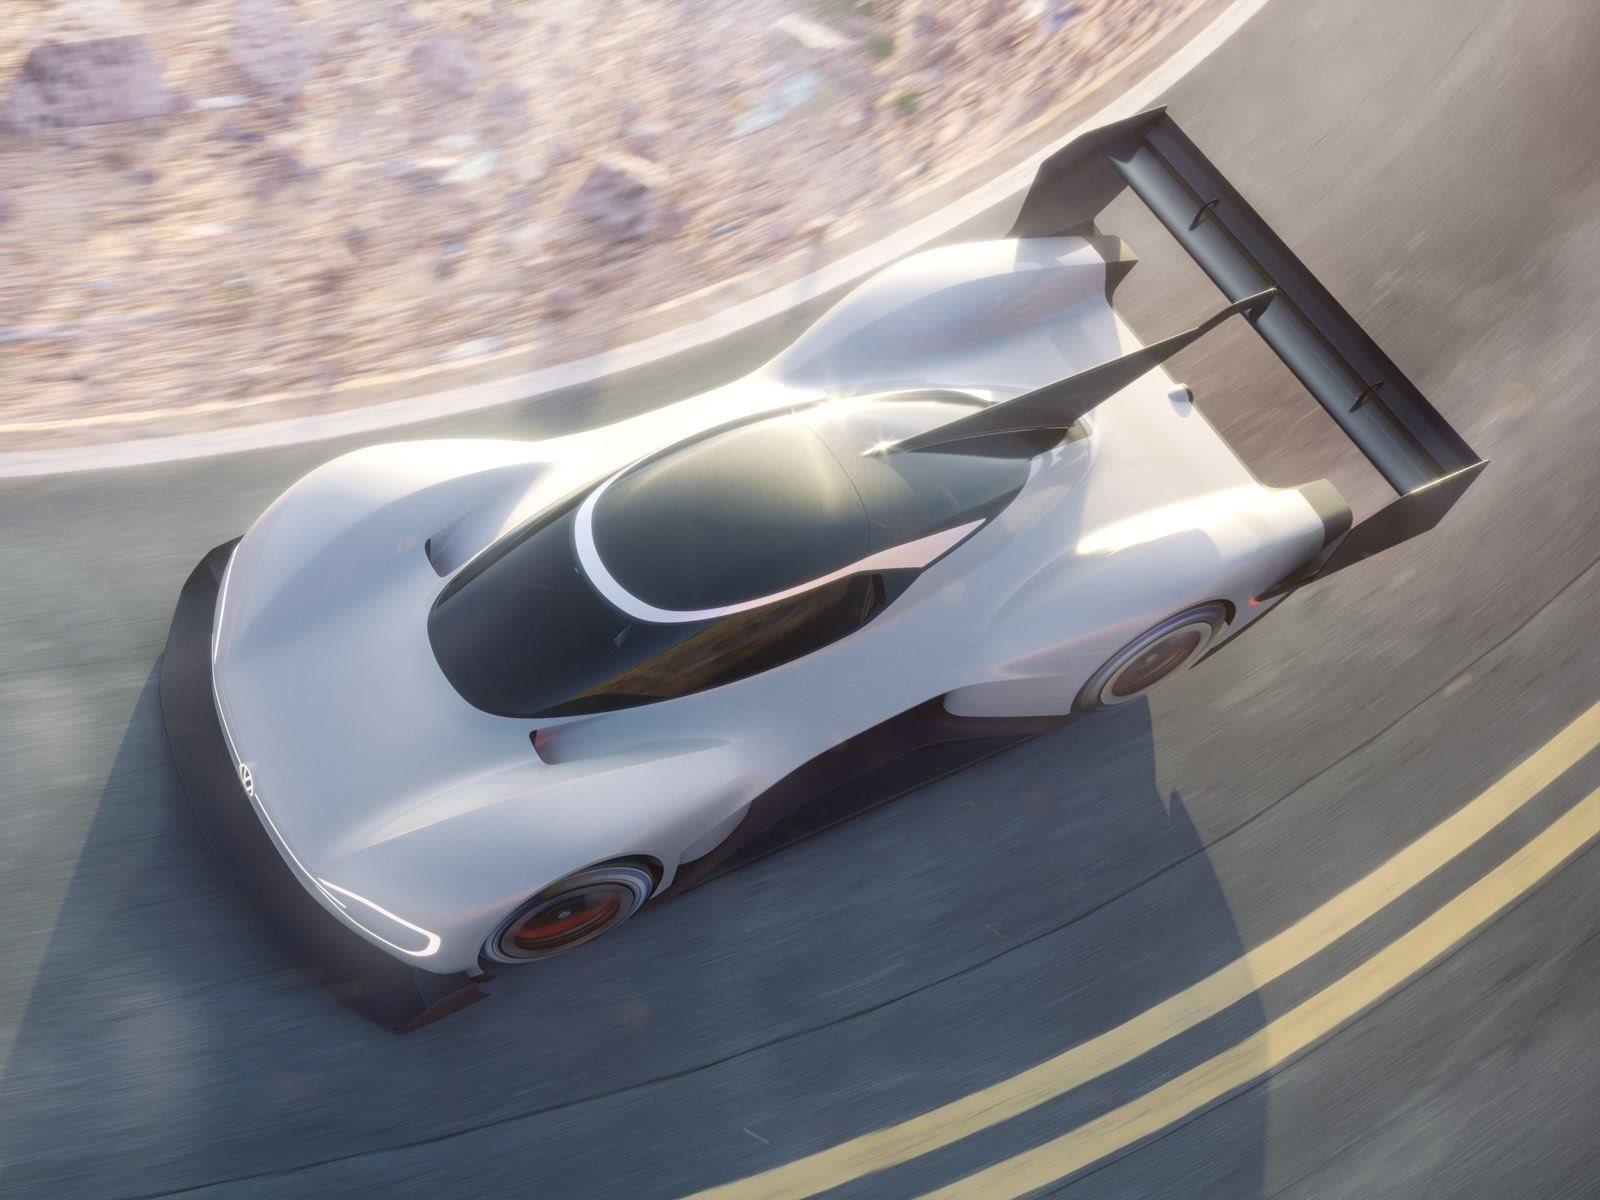 Volkswagen хочет побить существующий рекорд электромобилей в 8 минут 57,118 секунд, установленный ветераном «холмистой местности» Рисом Милленом на прототипе eO PP100 в 2016 году.